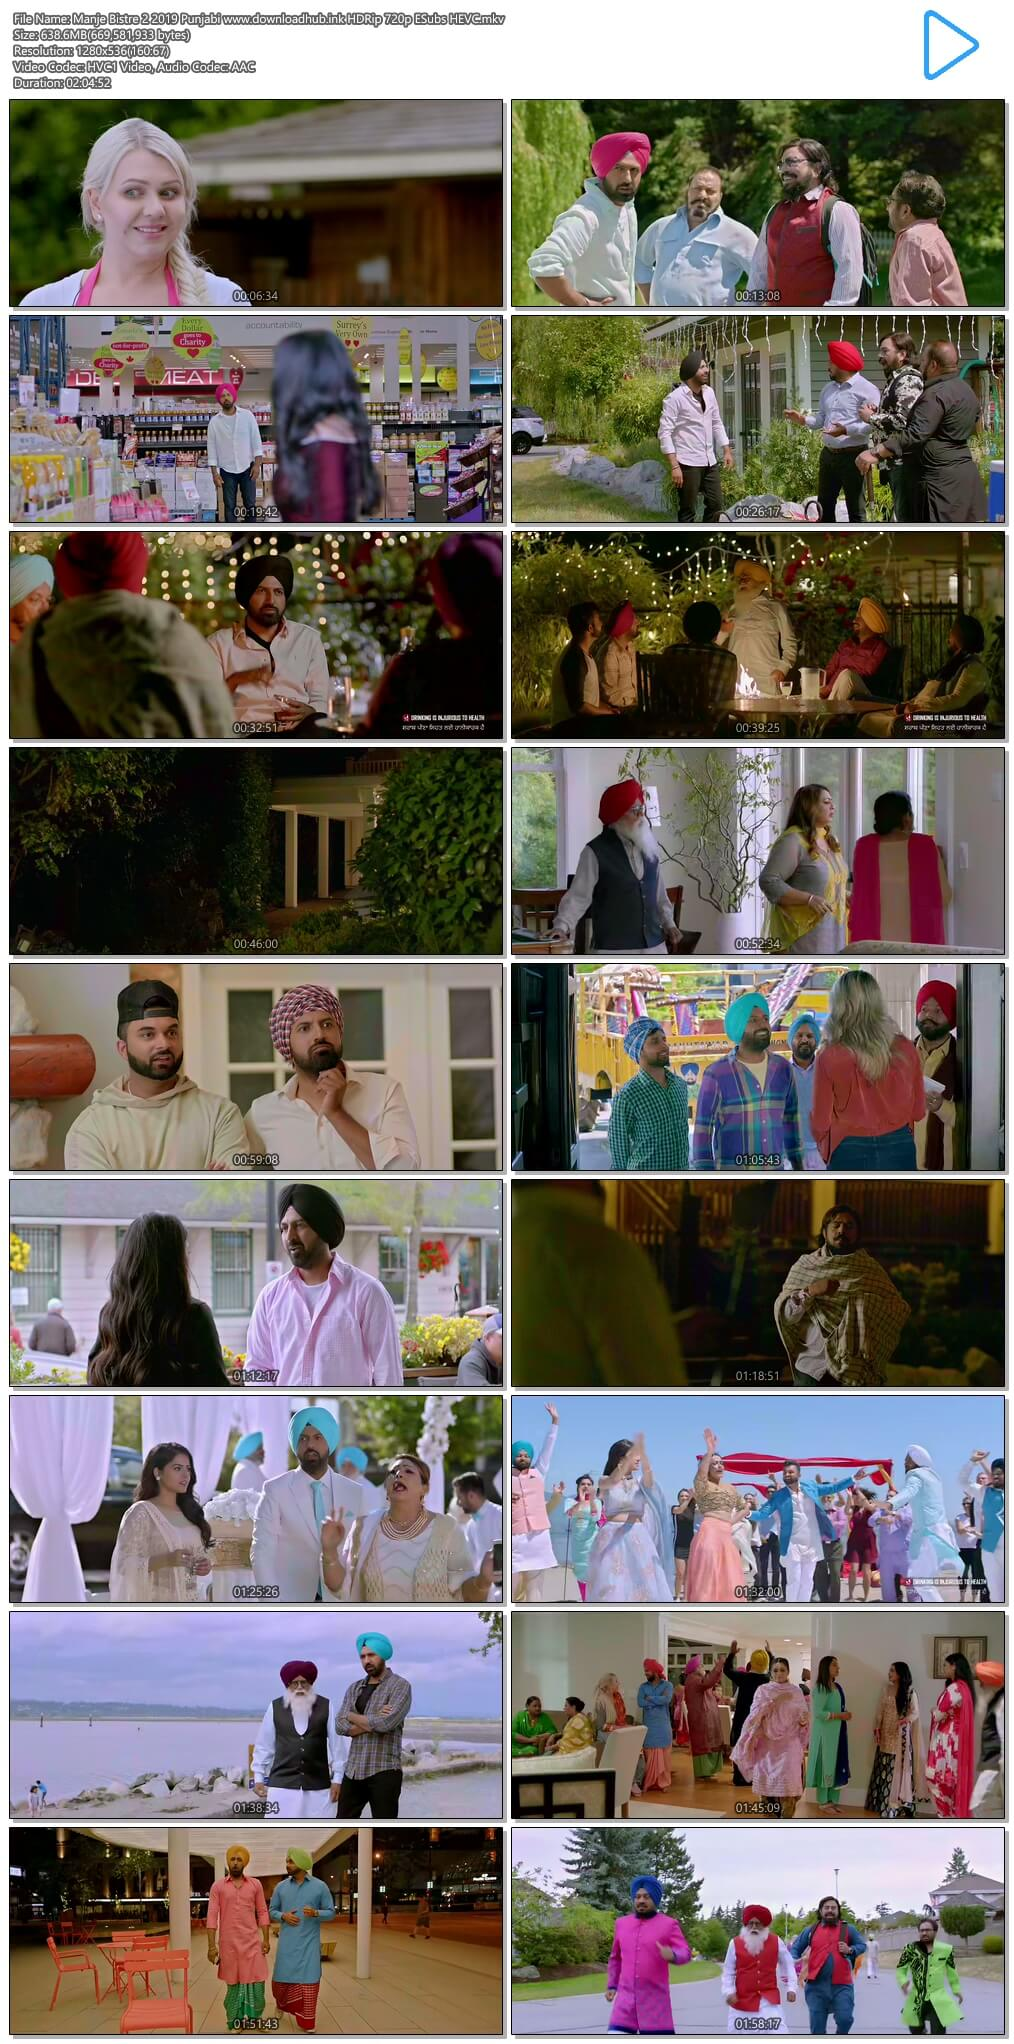 Manje Bistre 2 2019 Punjabi 600MB HDRip 720p ESubs HEVC